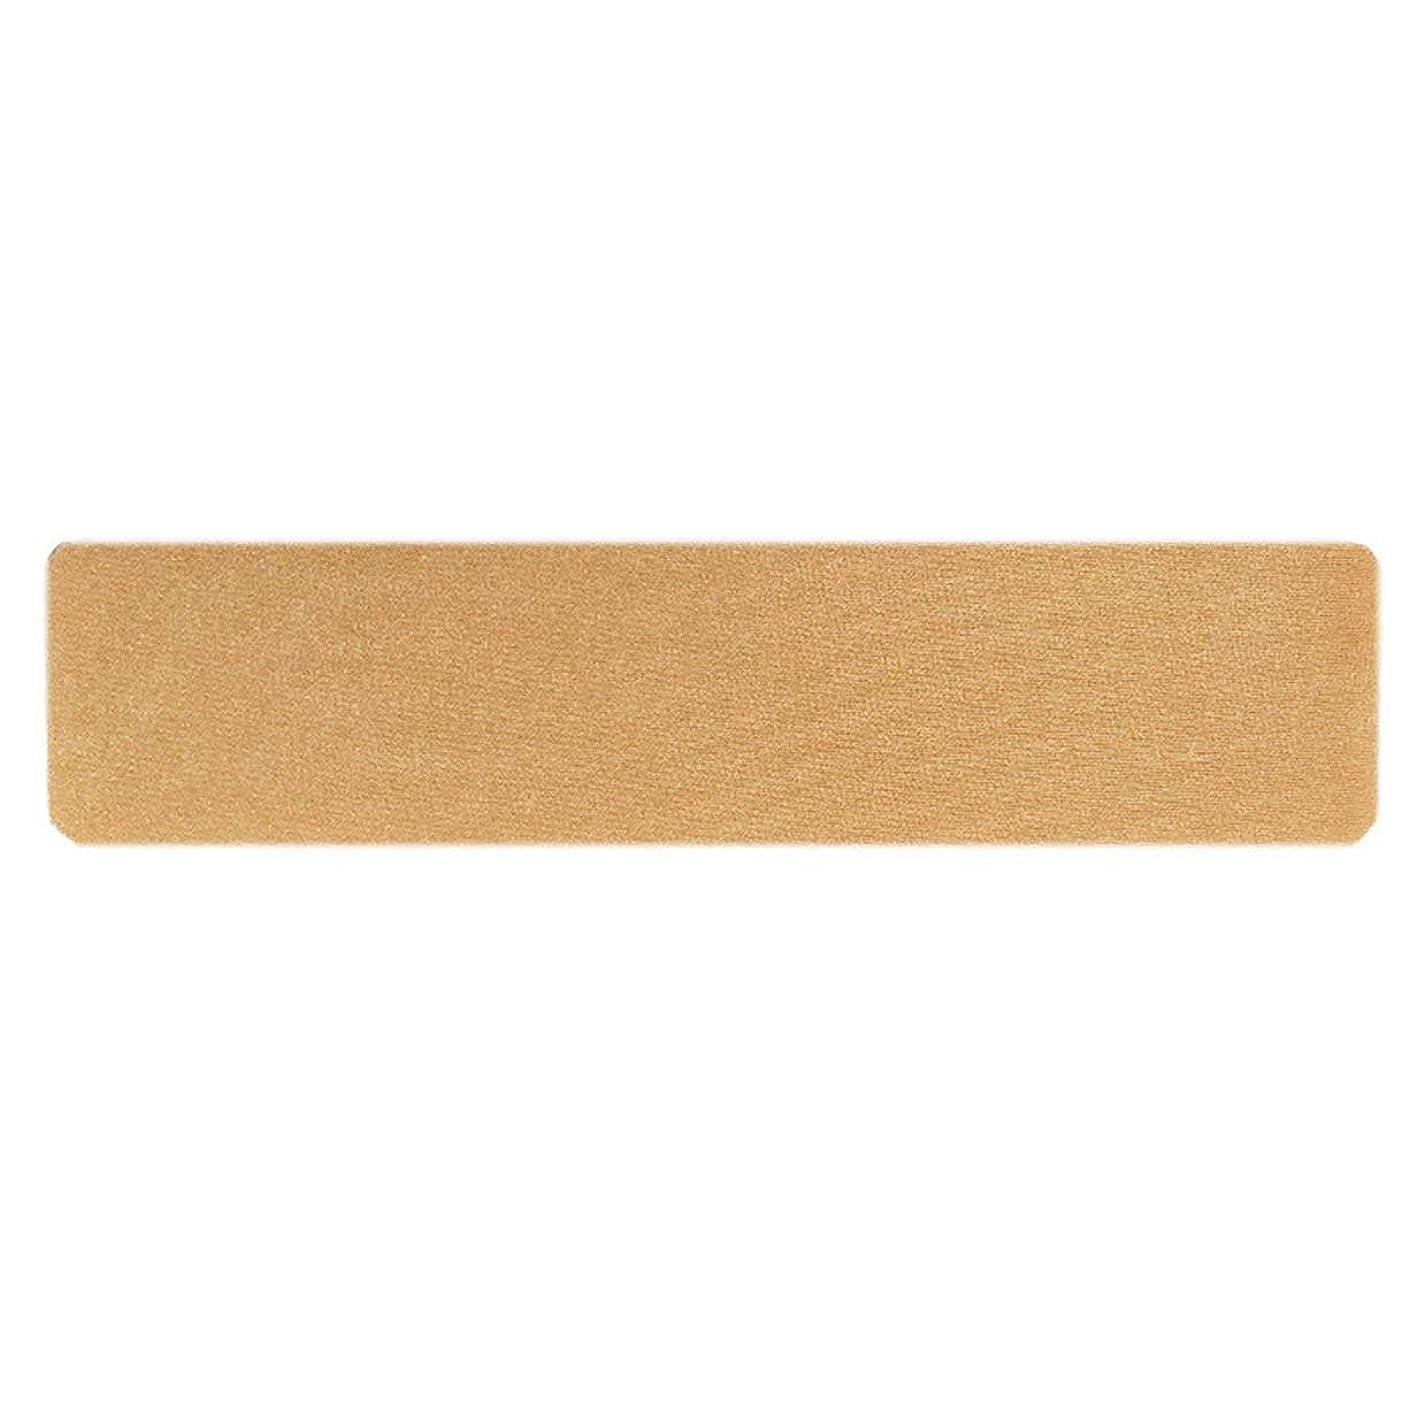 家事をする開発維持する弾力性シリコーン瘢痕ゲルアウェイストリップ貼り付け医療外傷熱傷皮膚修復瘢痕治療パッチRemovel瘢痕 - 皮膚